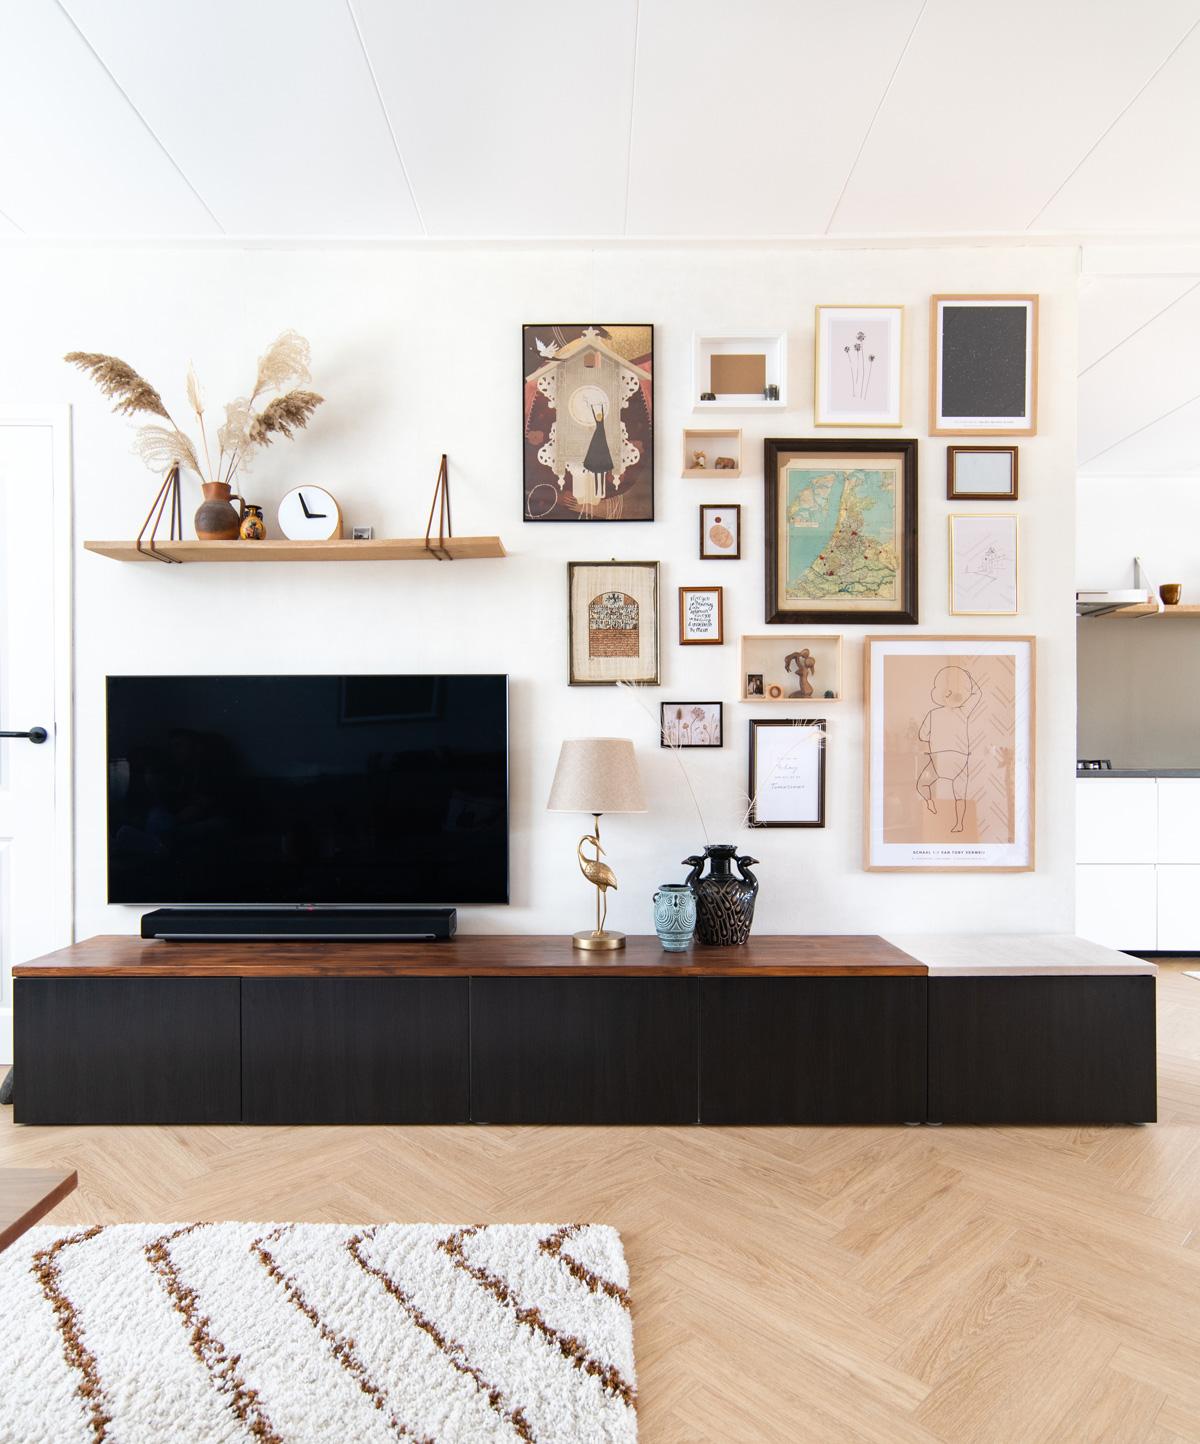 keeelly91 wanddecoratie tv-wand livingroominspo interieurinspiratie wooninspiratie vintage look styling wallart muurinspiratie muurdeco